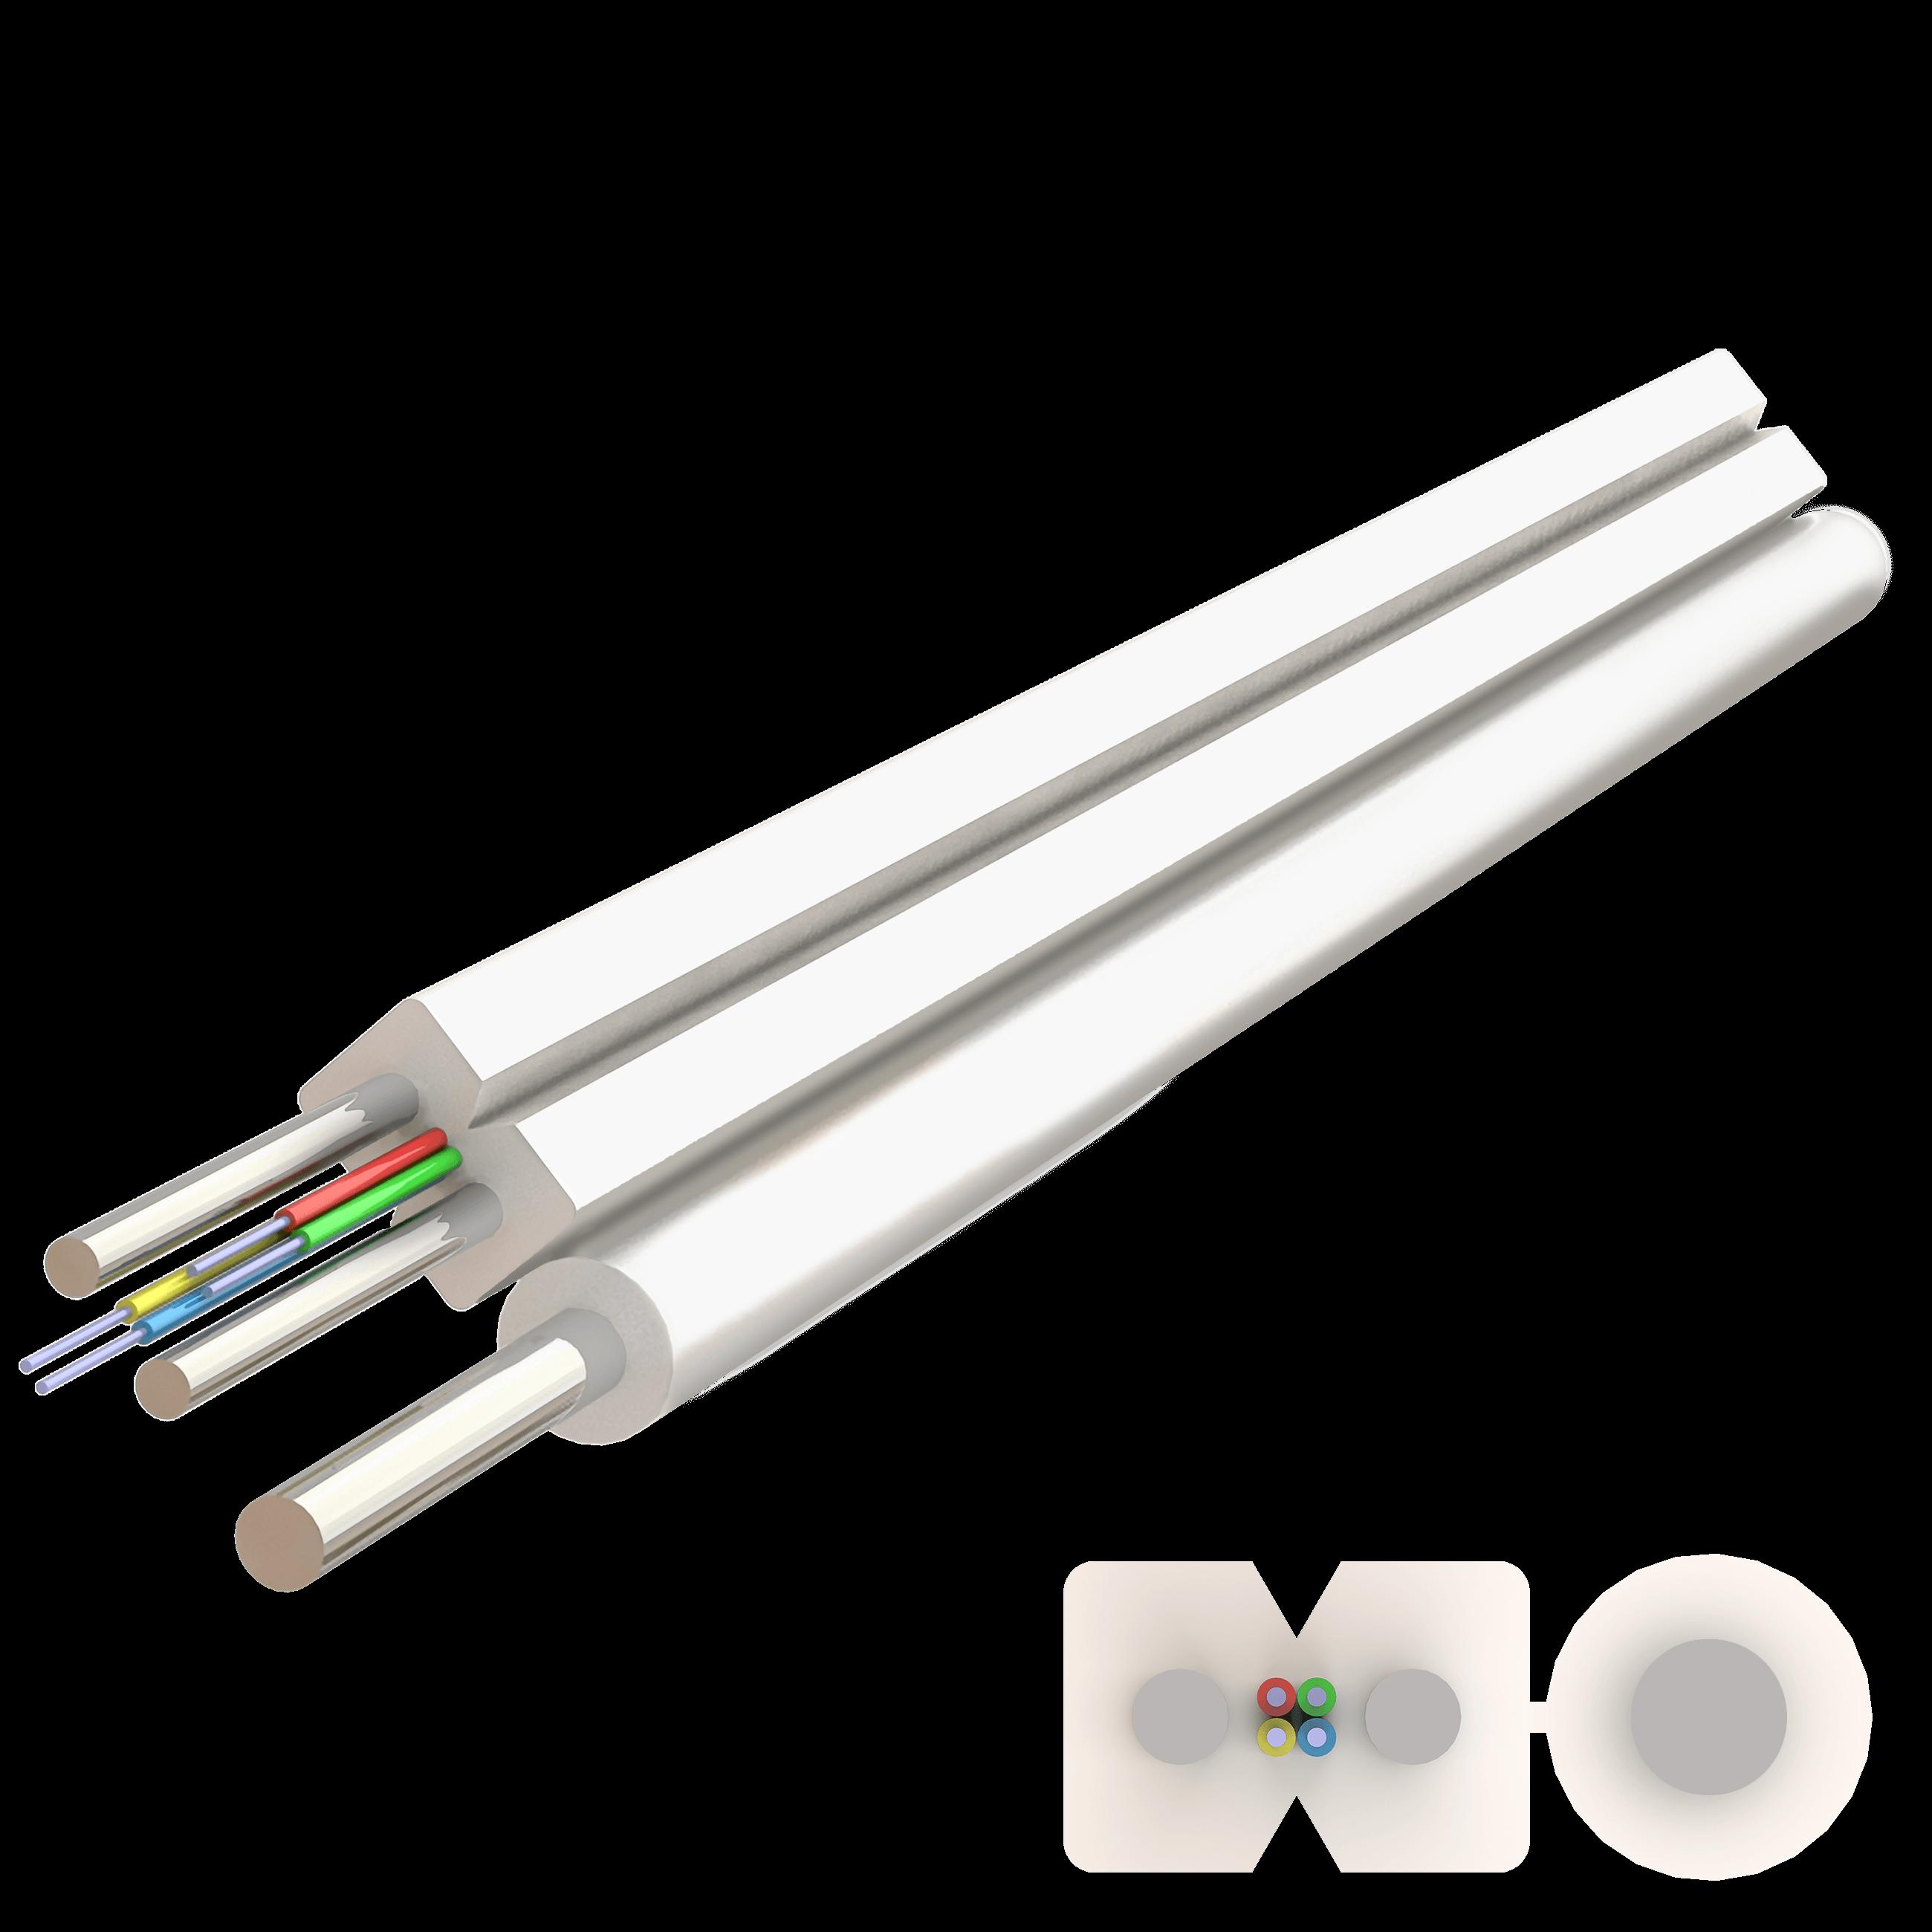 Samm Teknoloji - Flat Askı Telli Drop Çelik Kablo 2.0x5.2mm | A-N(ZM)H-SH | Up to 4F | 1000 metre (1)